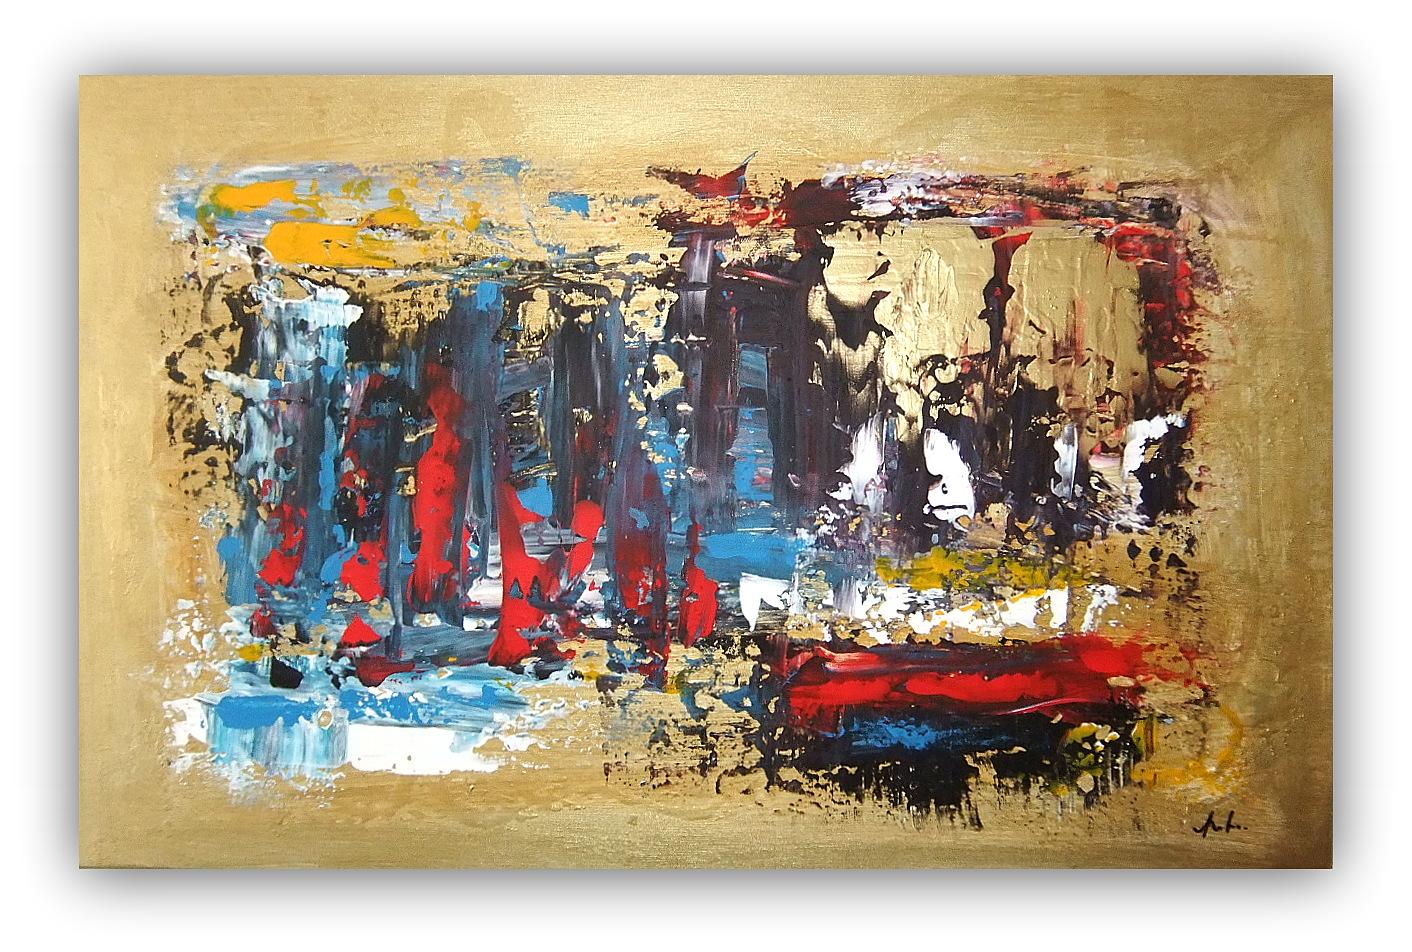 Quadri astratti moderni astratto moderno sanader art for Quadri moderni astratti dipinti a mano